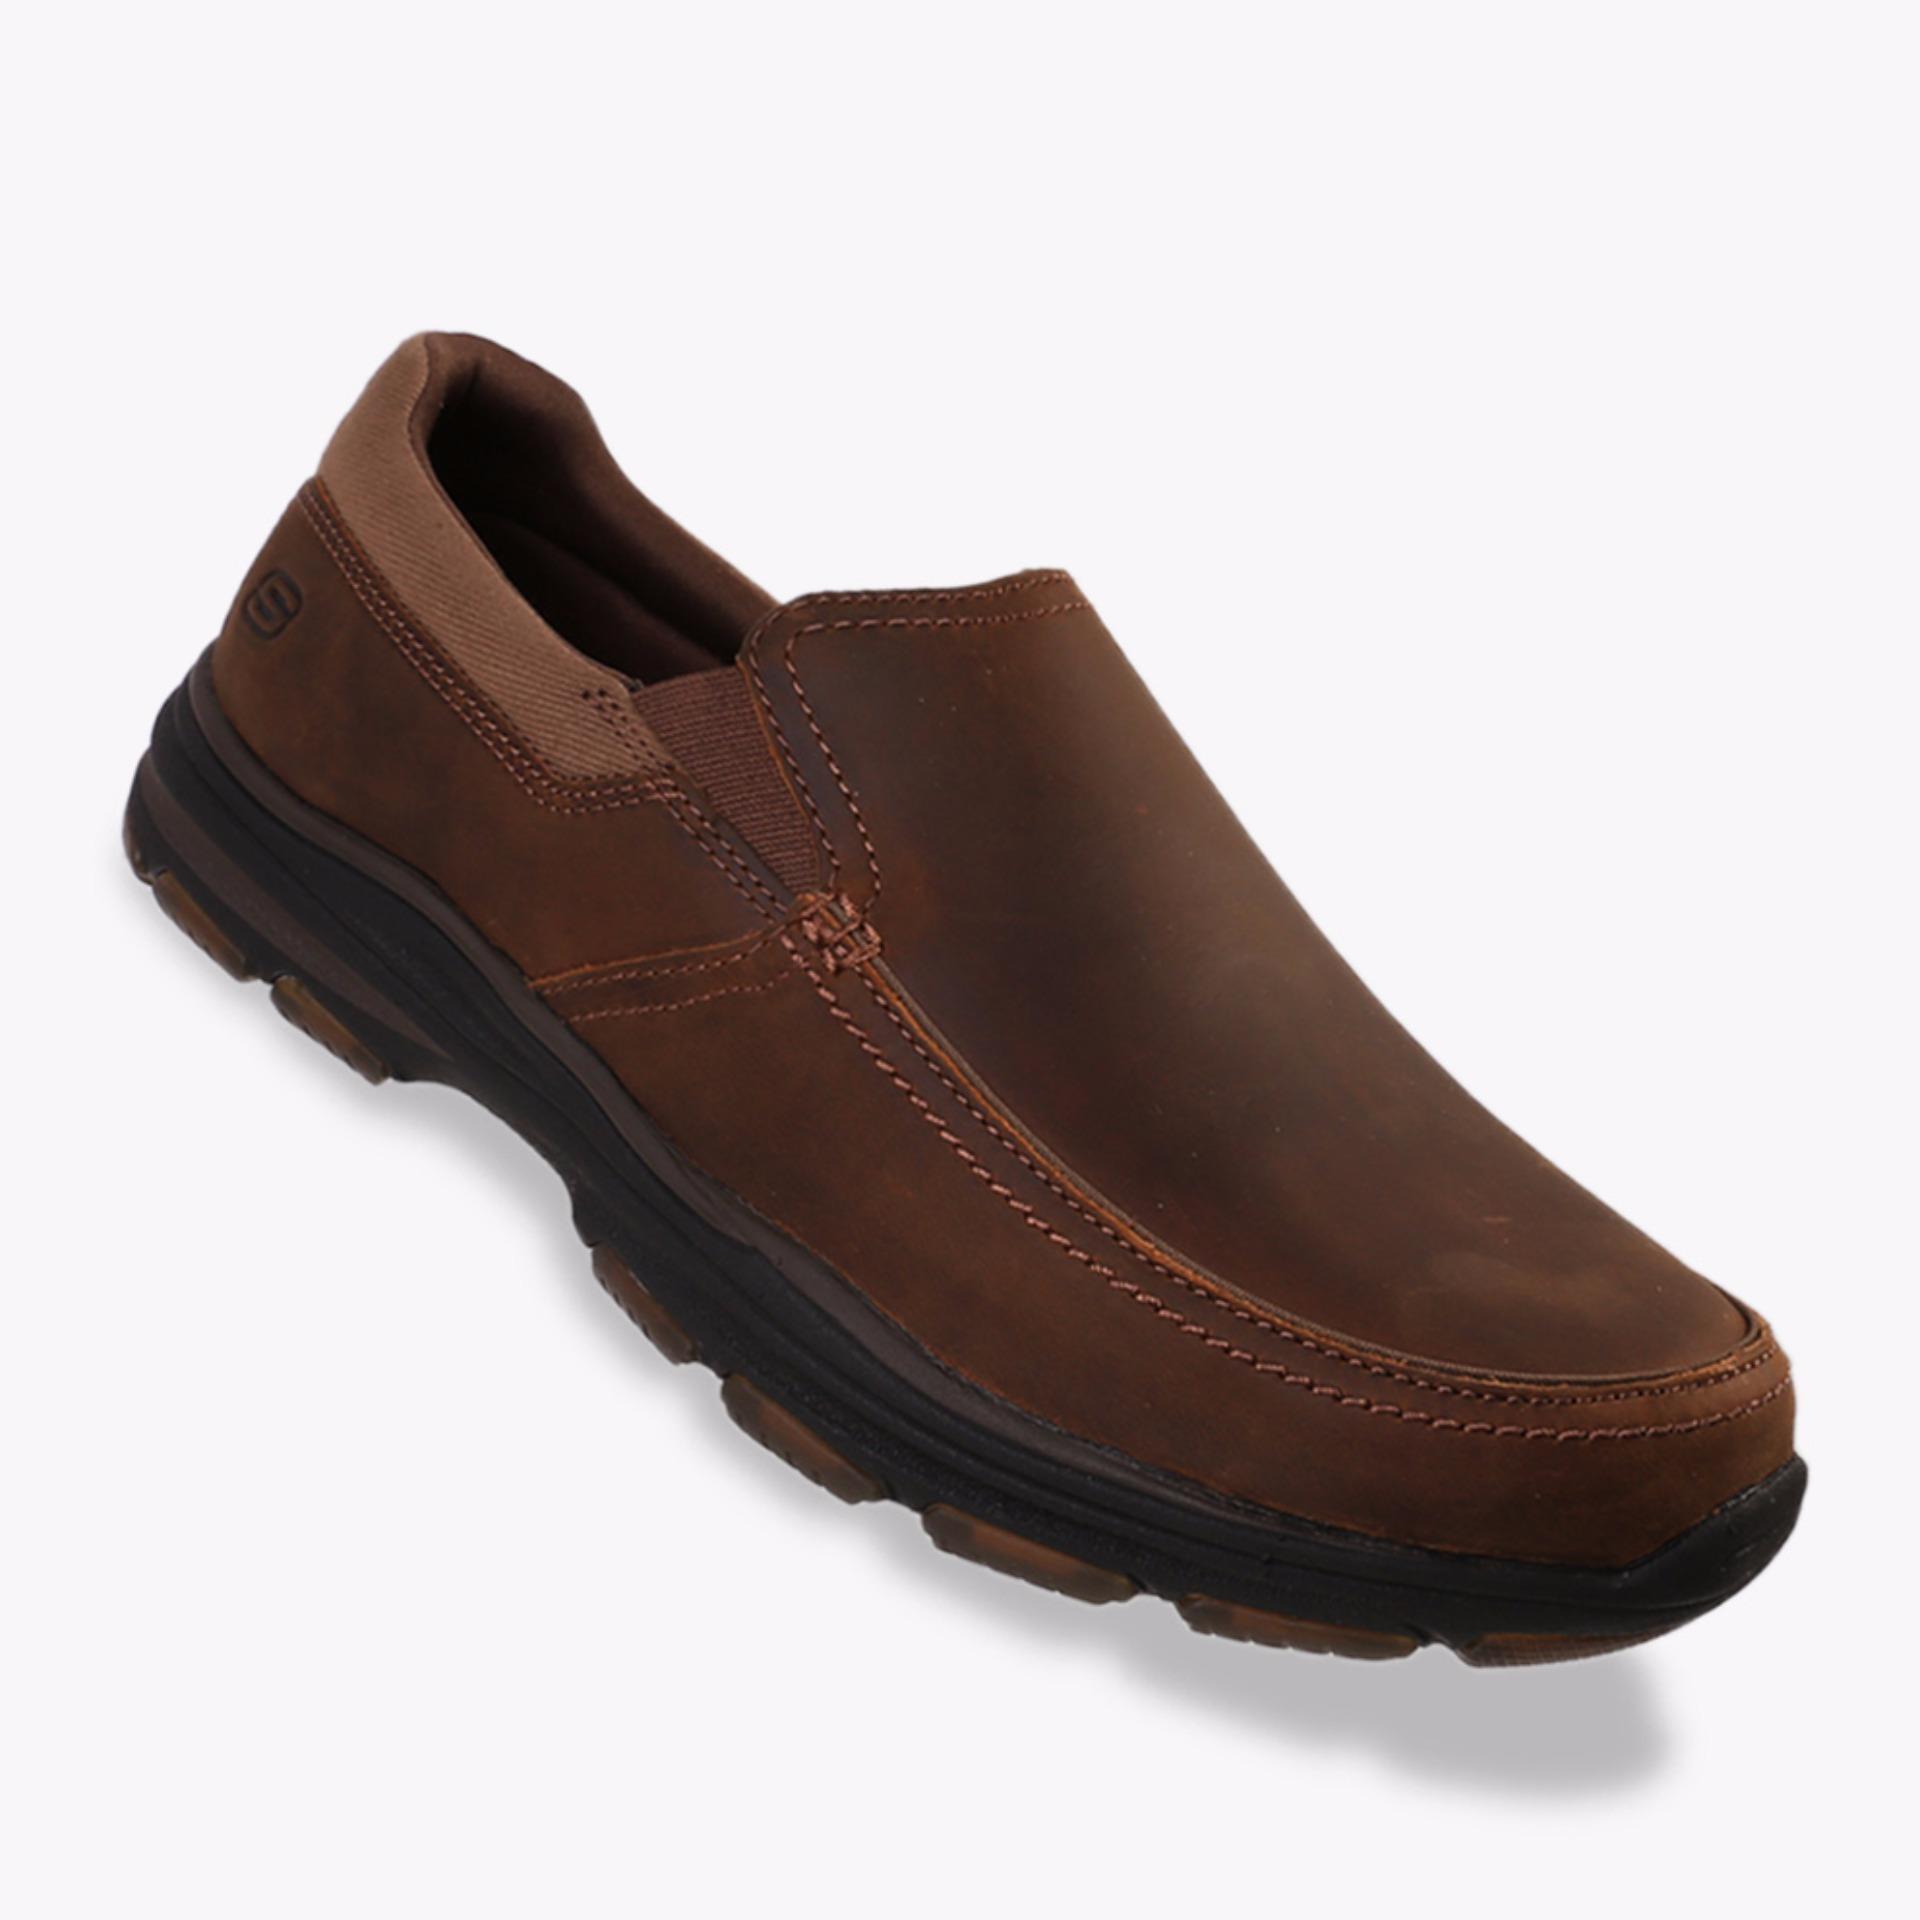 Jual Skechers Garton Venco Men S Casual Shoes Cokelat Branded Murah